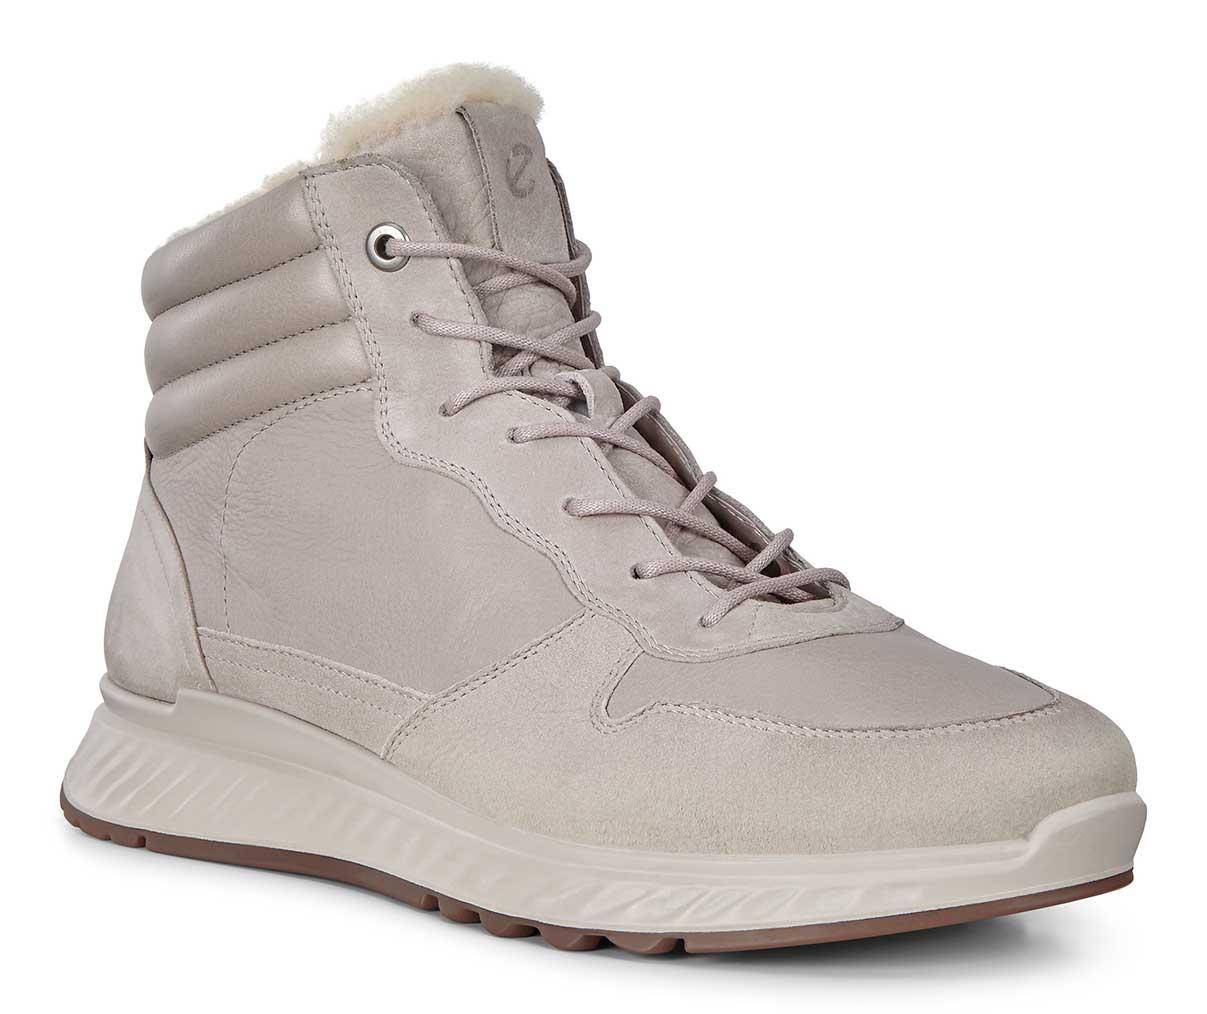 Ecco sko Kjøp Ecco sko, vintersko og støvler på nett hos